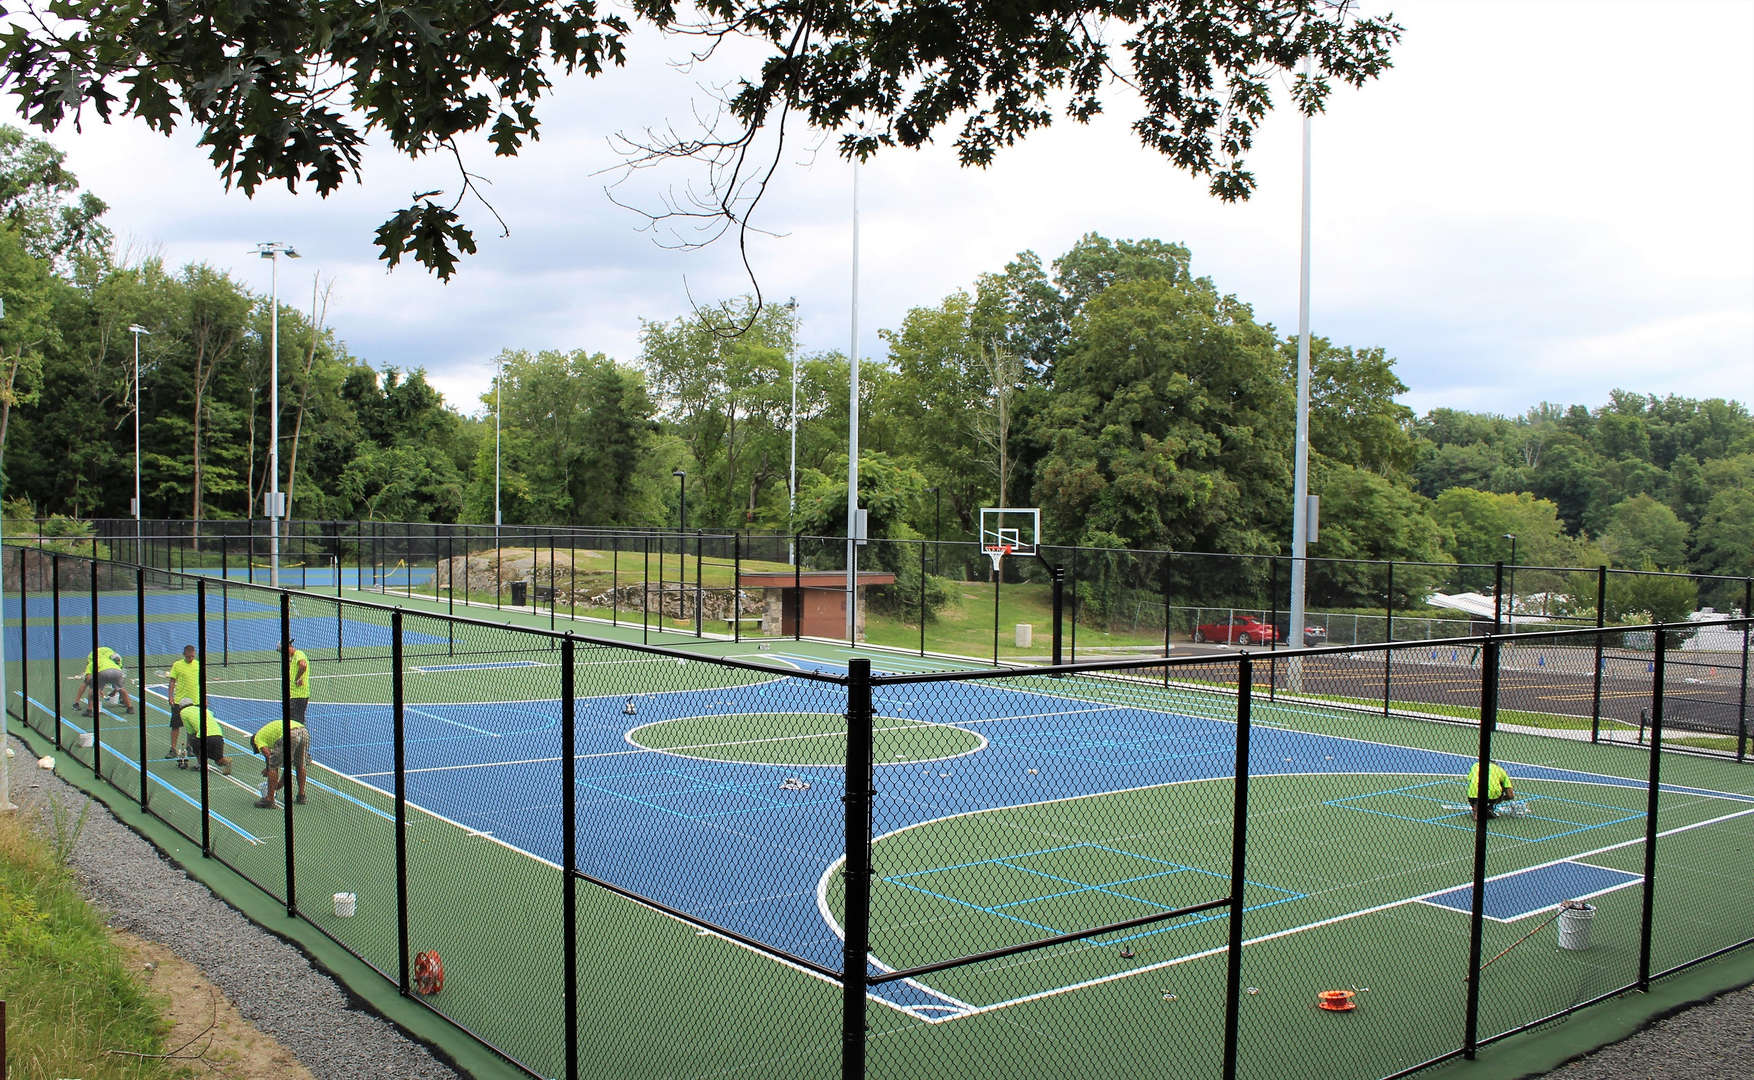 A crew paints a new tennis court.